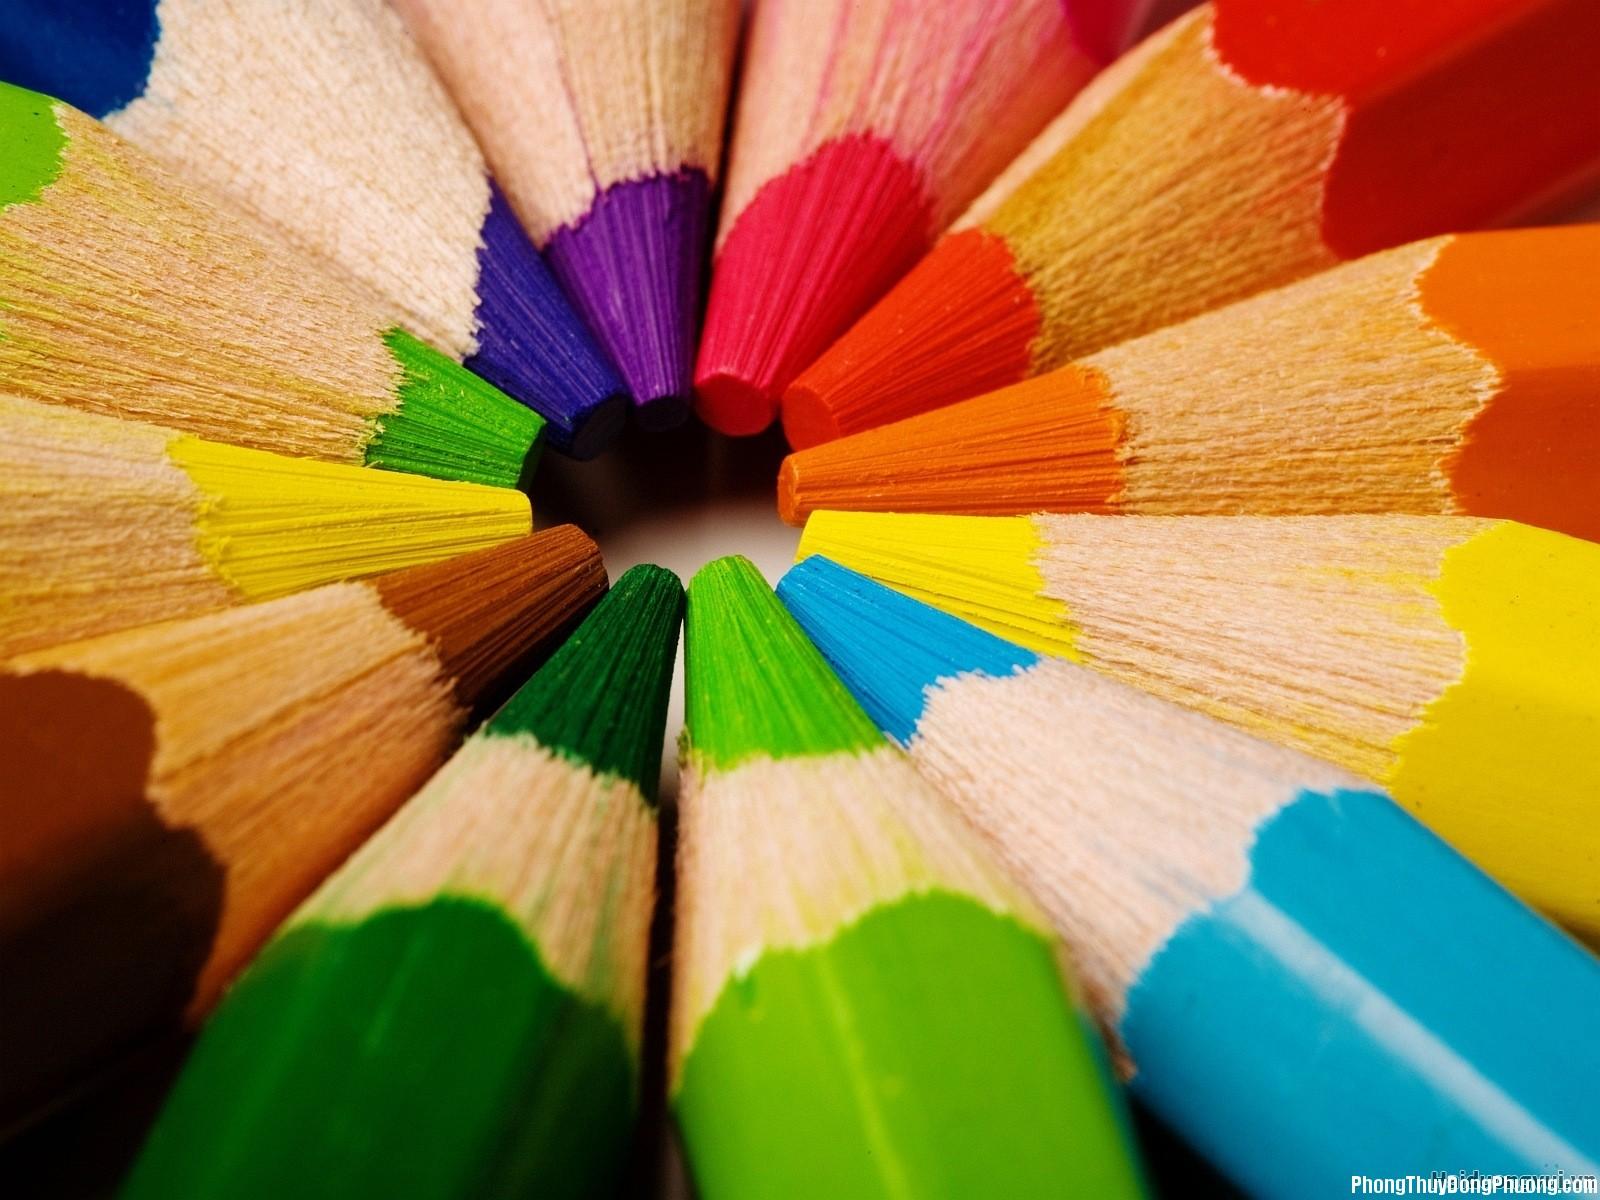 01 phoimautrongnhahopphongthuy sonhanoi Giải mã các bí ẩn giấc mơ thấy nhiều màu sắc   Phần 1